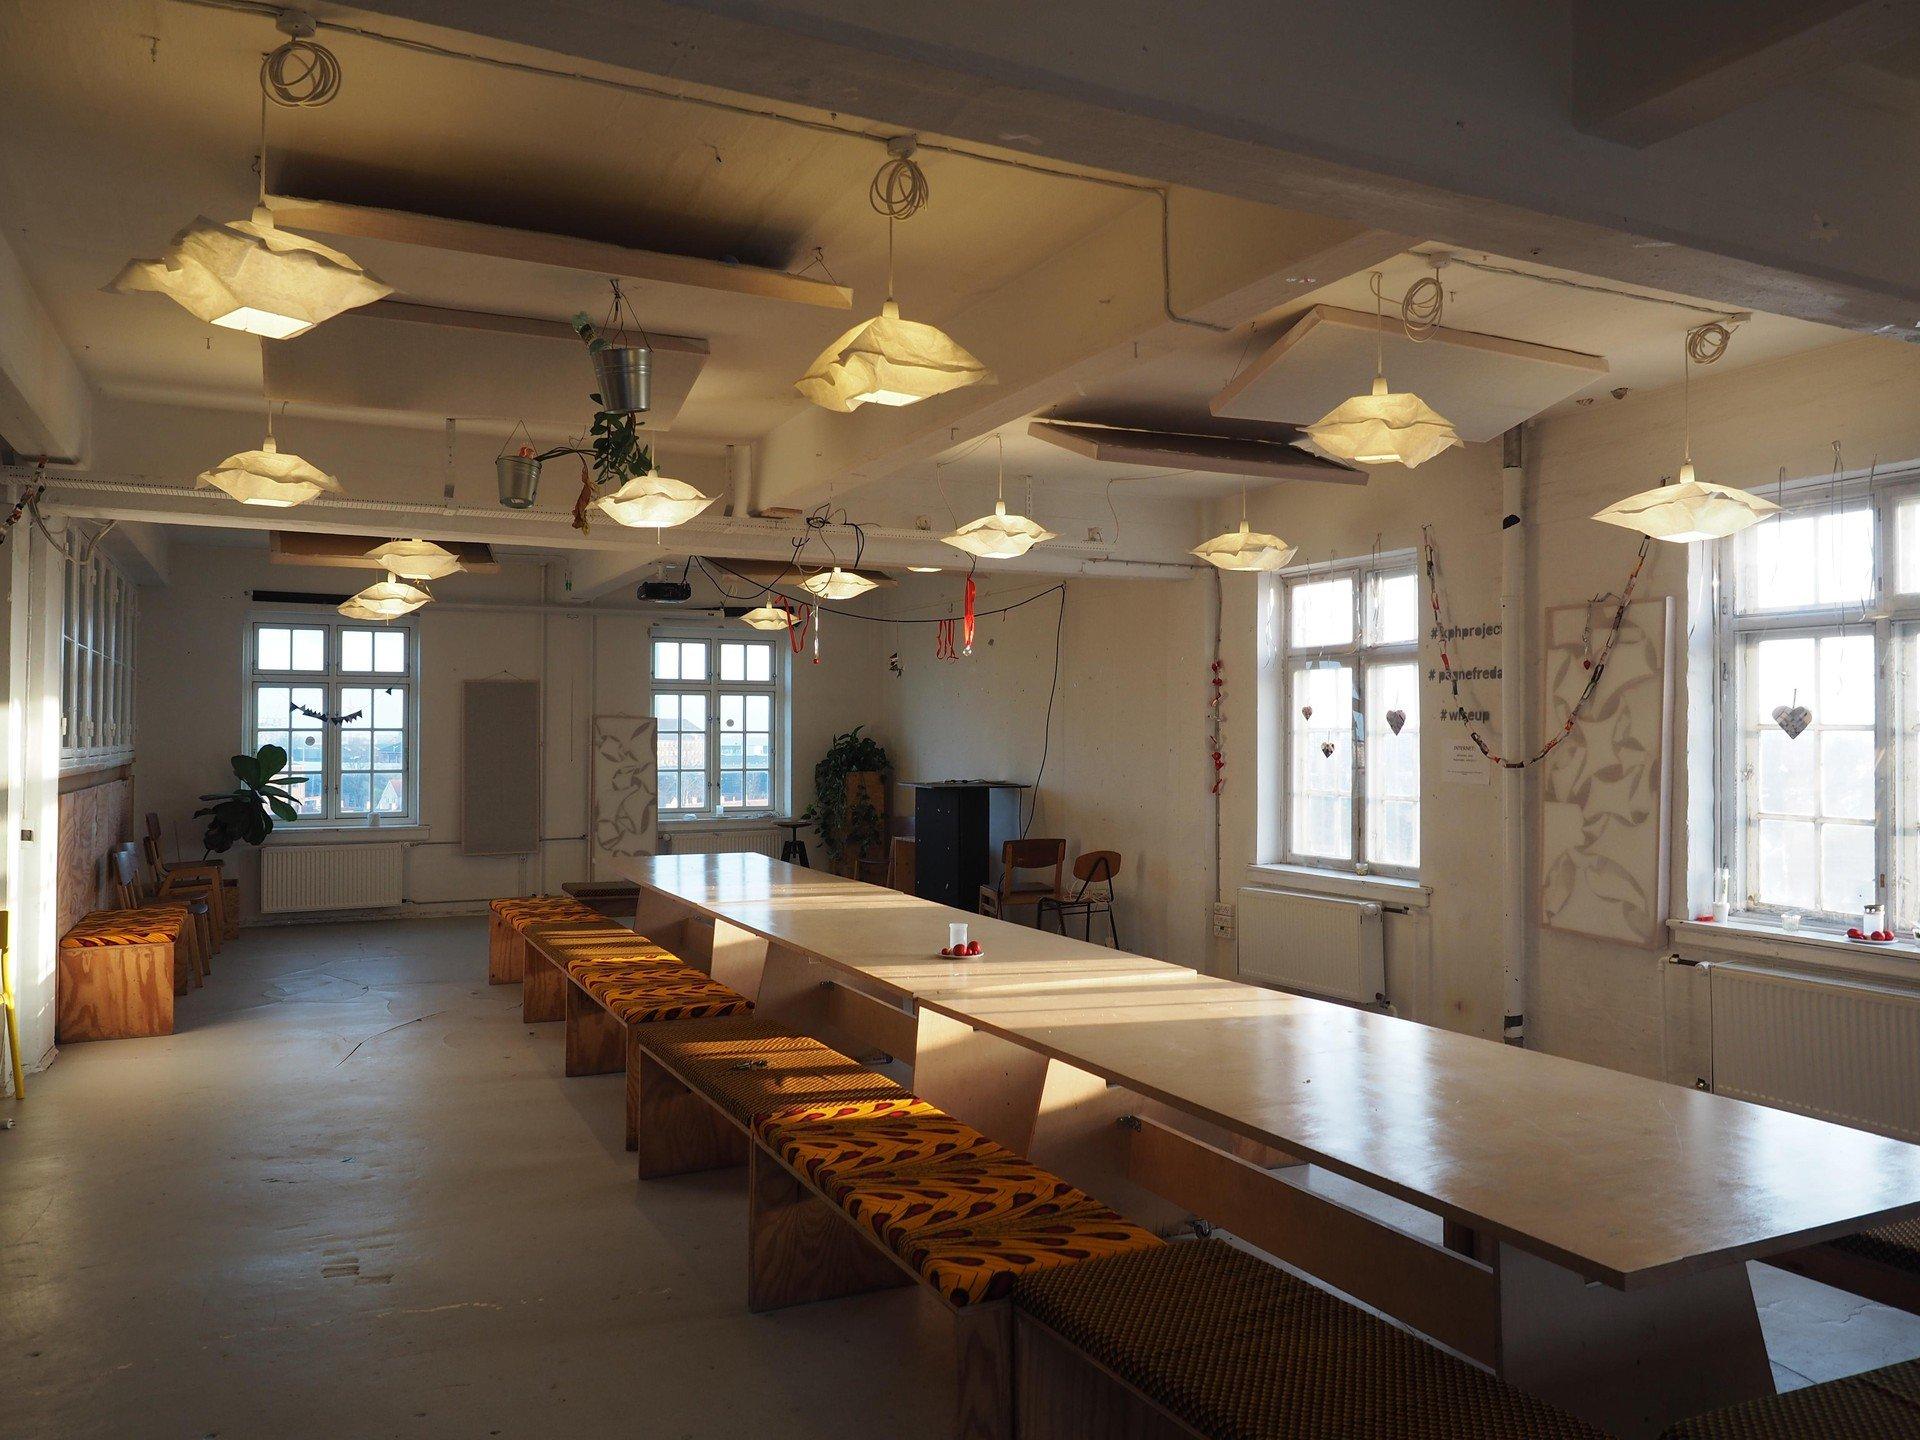 Copenhagen workshop spaces Meeting room KPH Projects image 3